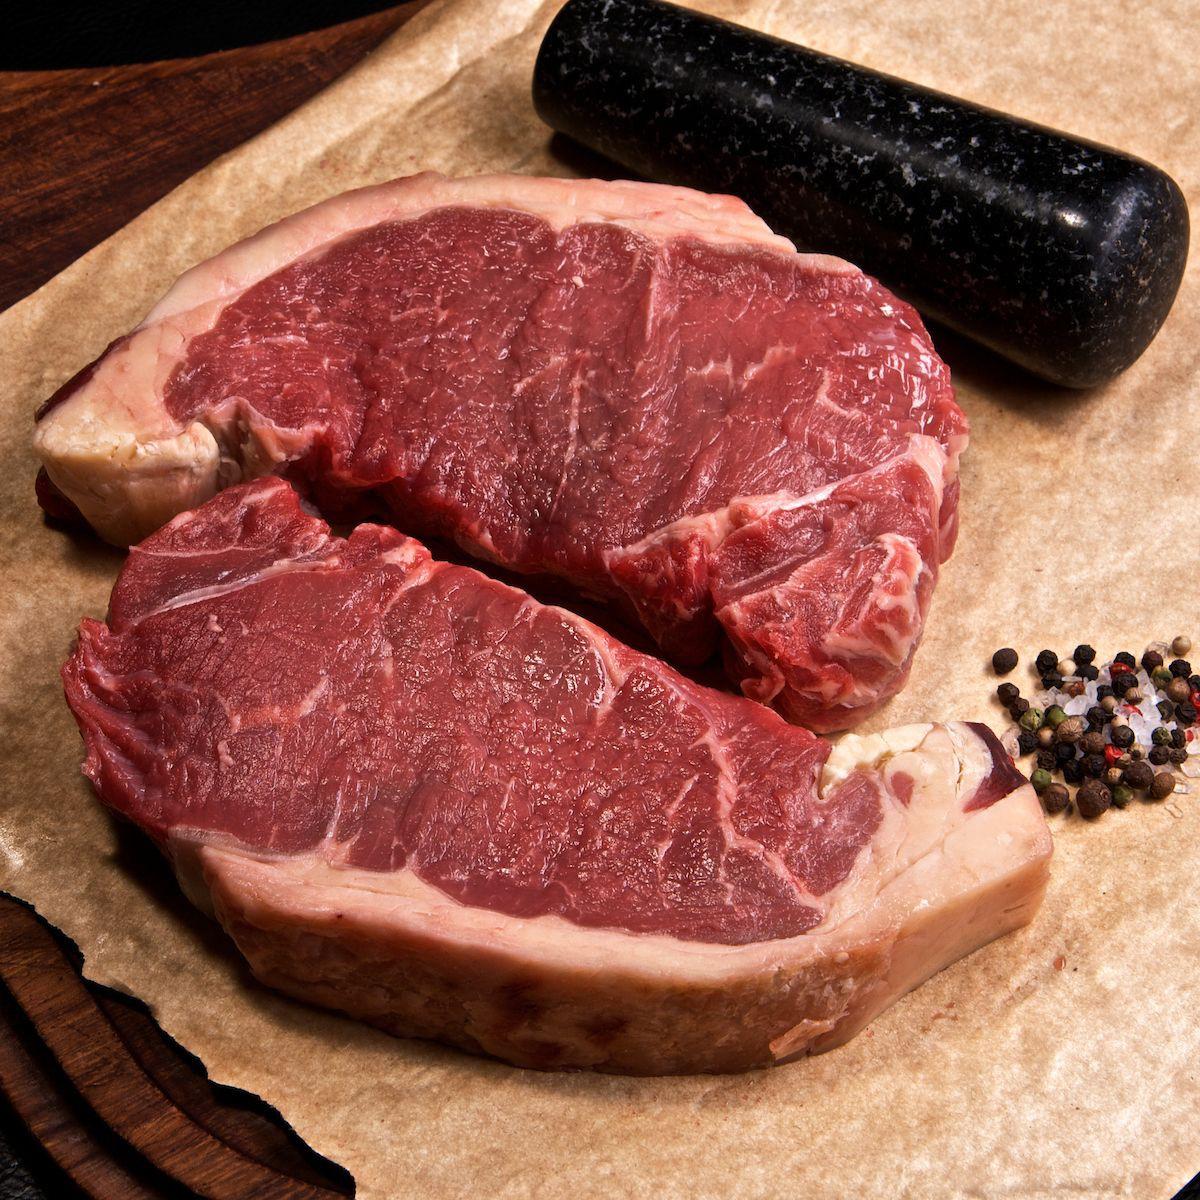 Dù menu toàn tiếng Anh thì bạn cũng sẽ gọi món dễ dàng nếu biết các thuật ngữ này khi đi ăn beefsteak - Ảnh 3.